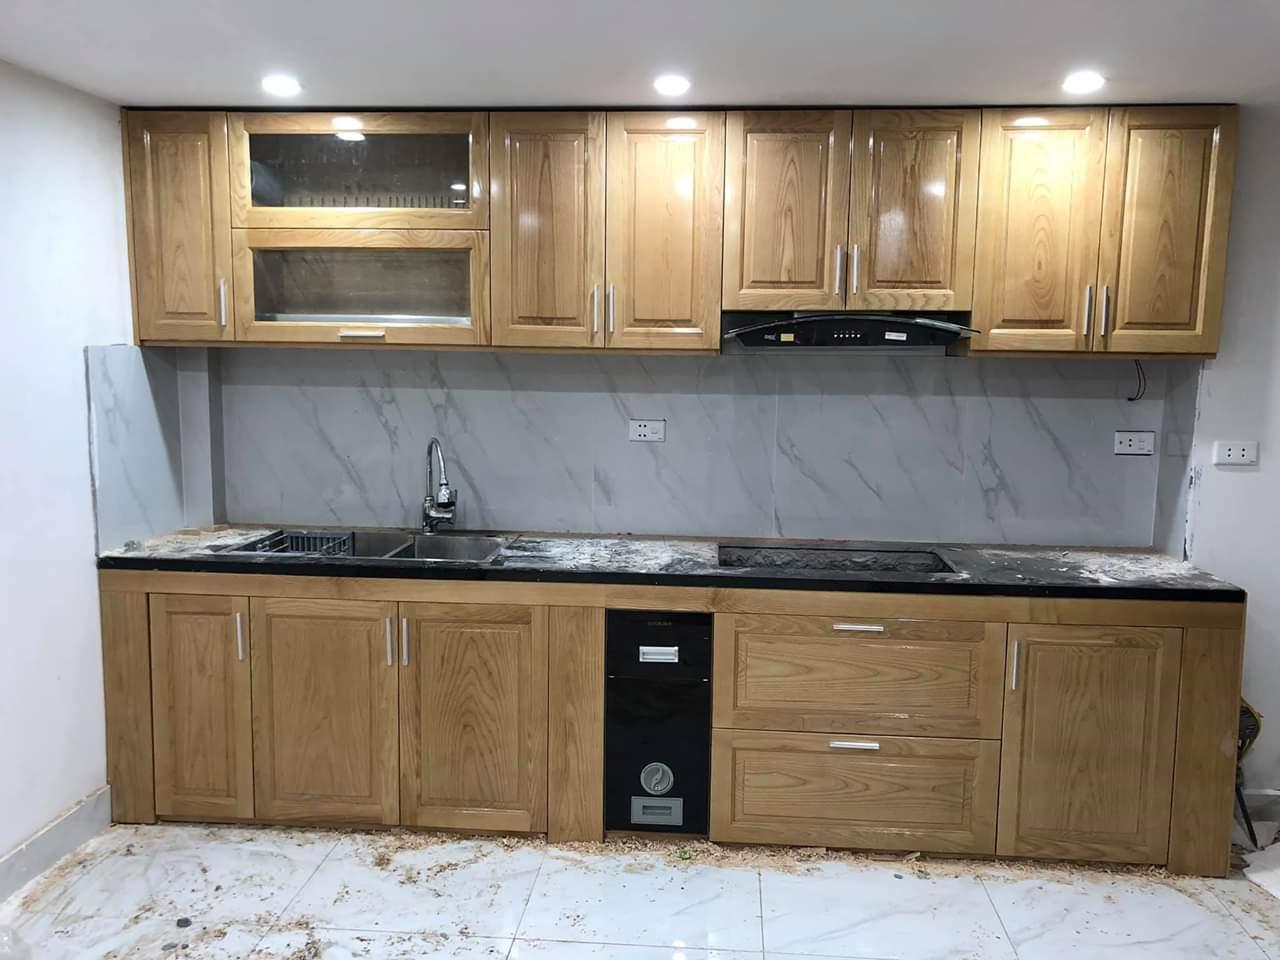 Mẫu tủ bếp gỗ sồi chữ I thích hợp cho những căn bếp có không gian nhỏ.